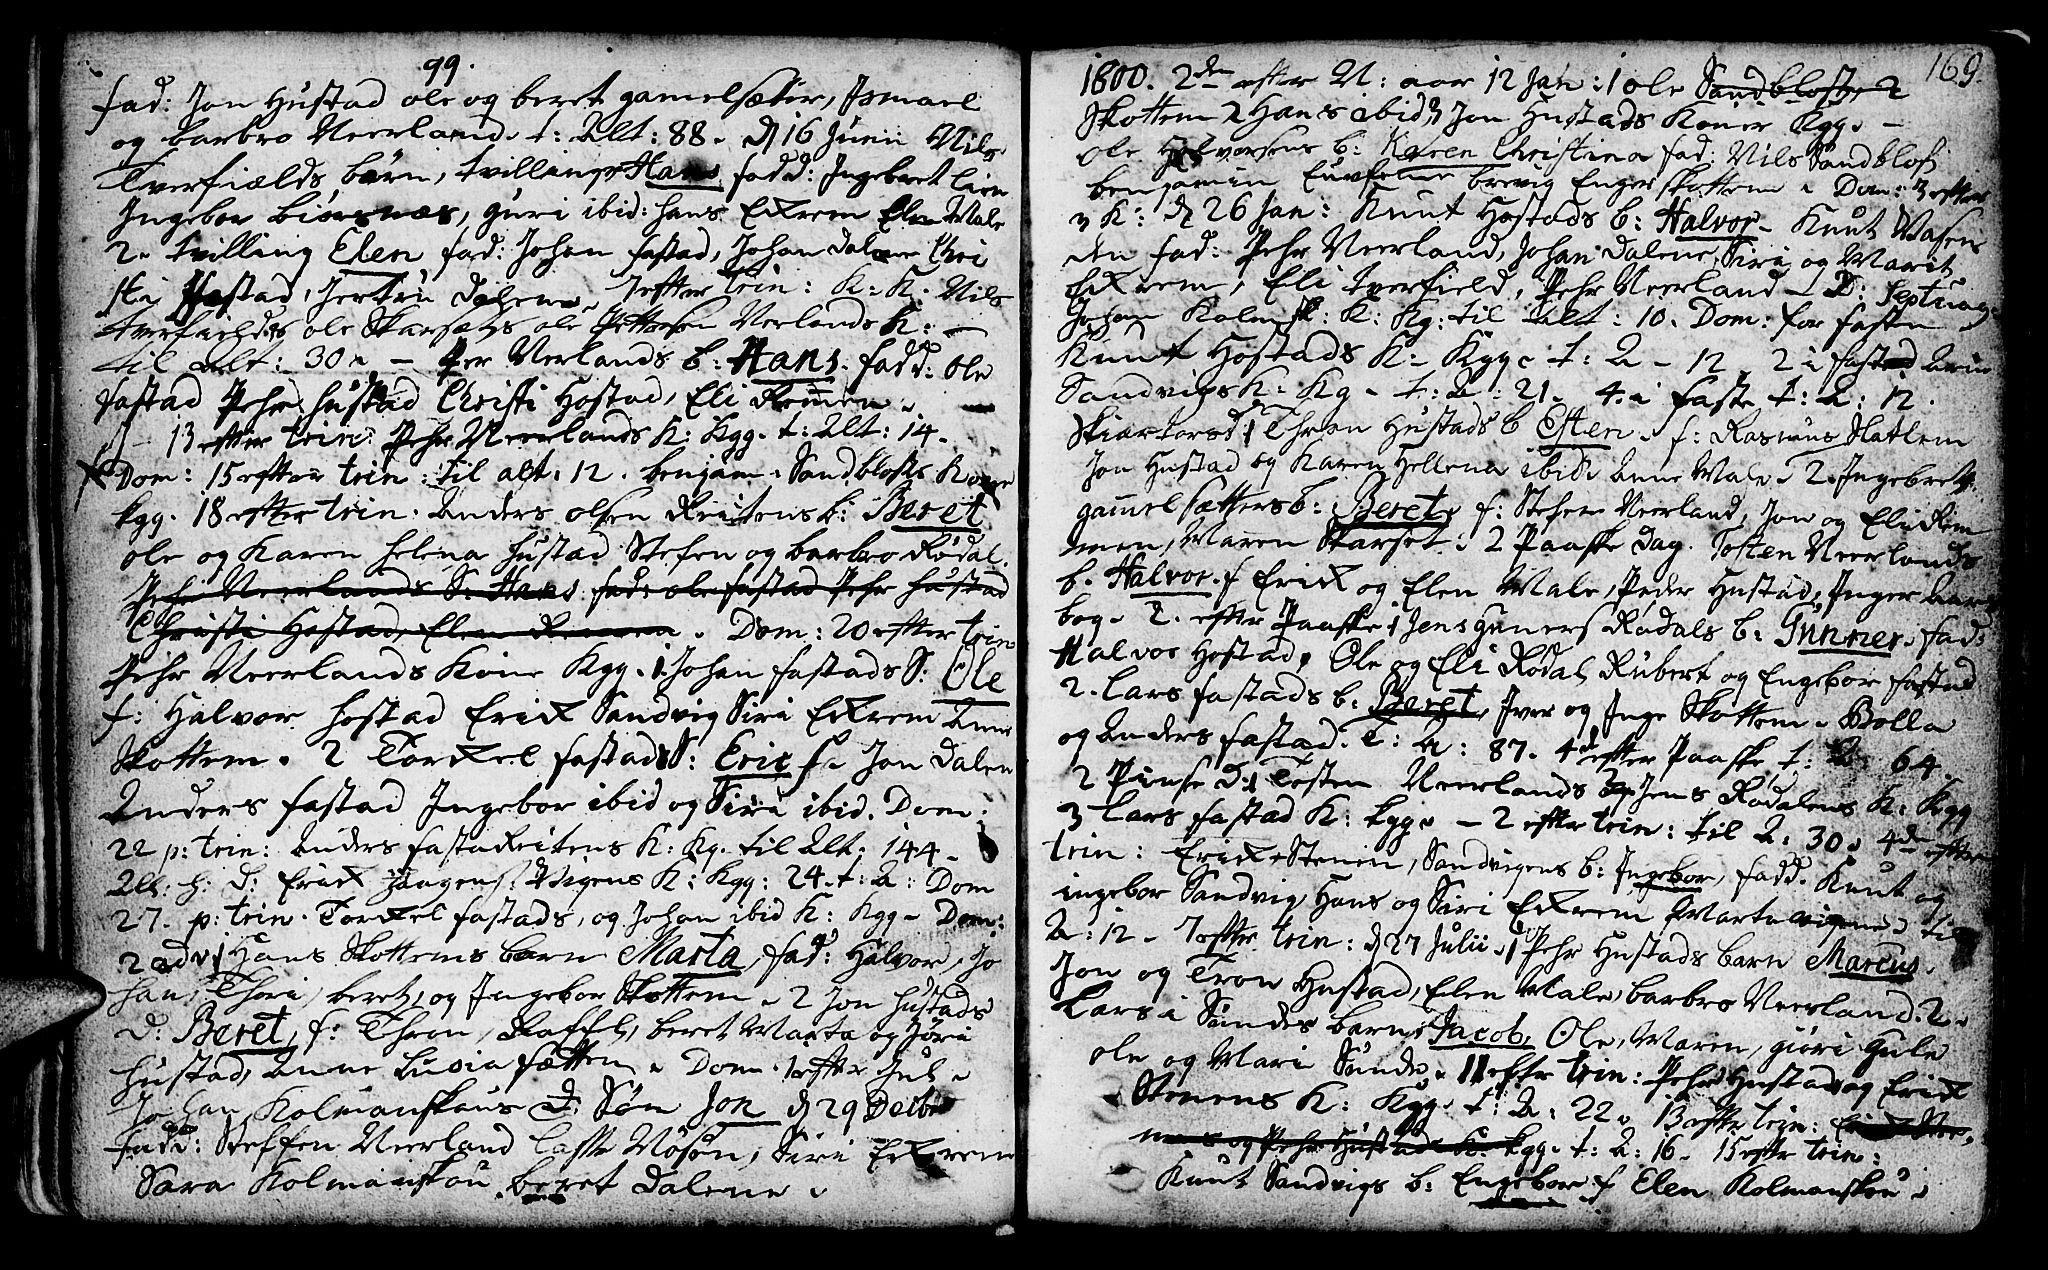 SAT, Ministerialprotokoller, klokkerbøker og fødselsregistre - Møre og Romsdal, 566/L0762: Ministerialbok nr. 566A02 /2, 1790-1804, s. 169